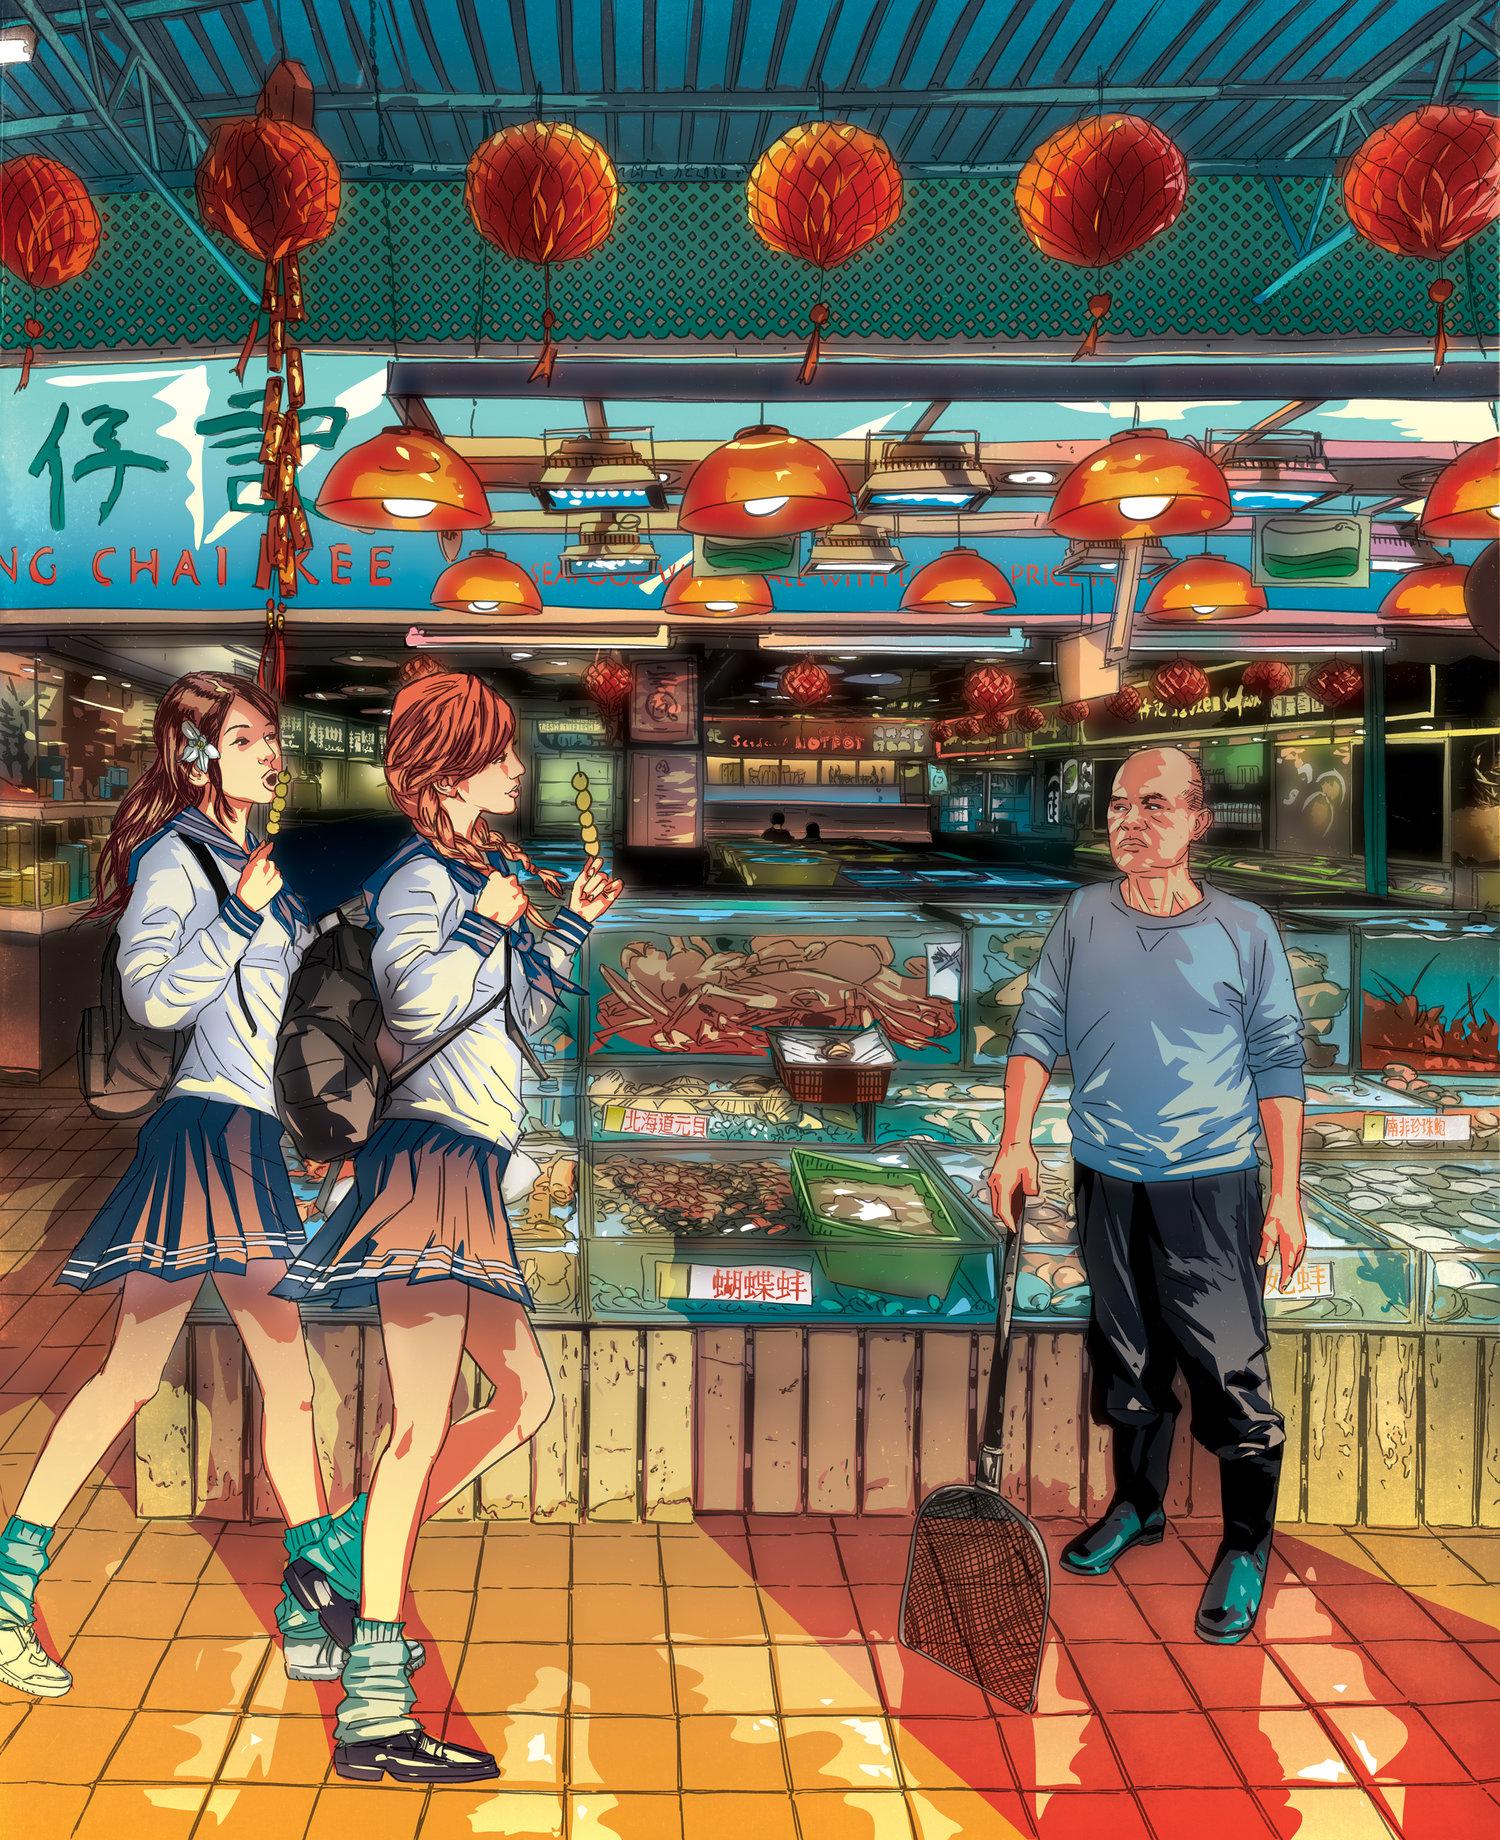 The Hong Kong Arts Collective, Jonathan Jay Lee, FishballGirls